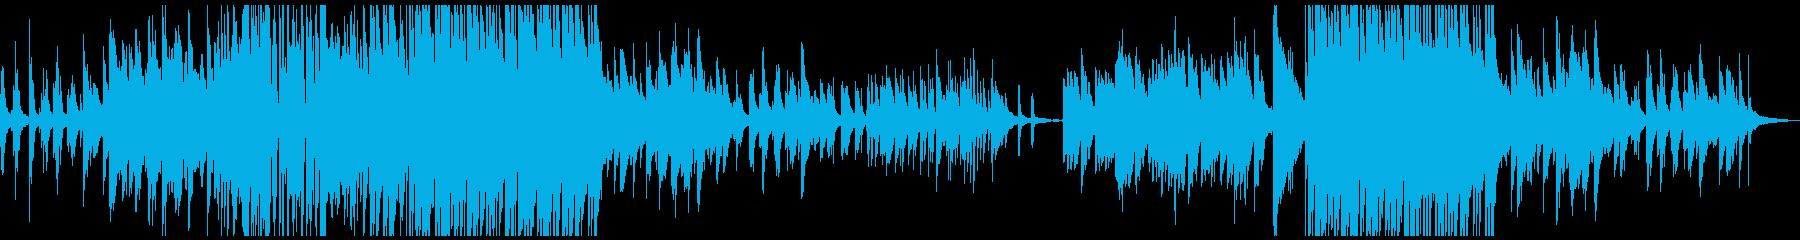 和風 ピアノソロ バラード曲の再生済みの波形